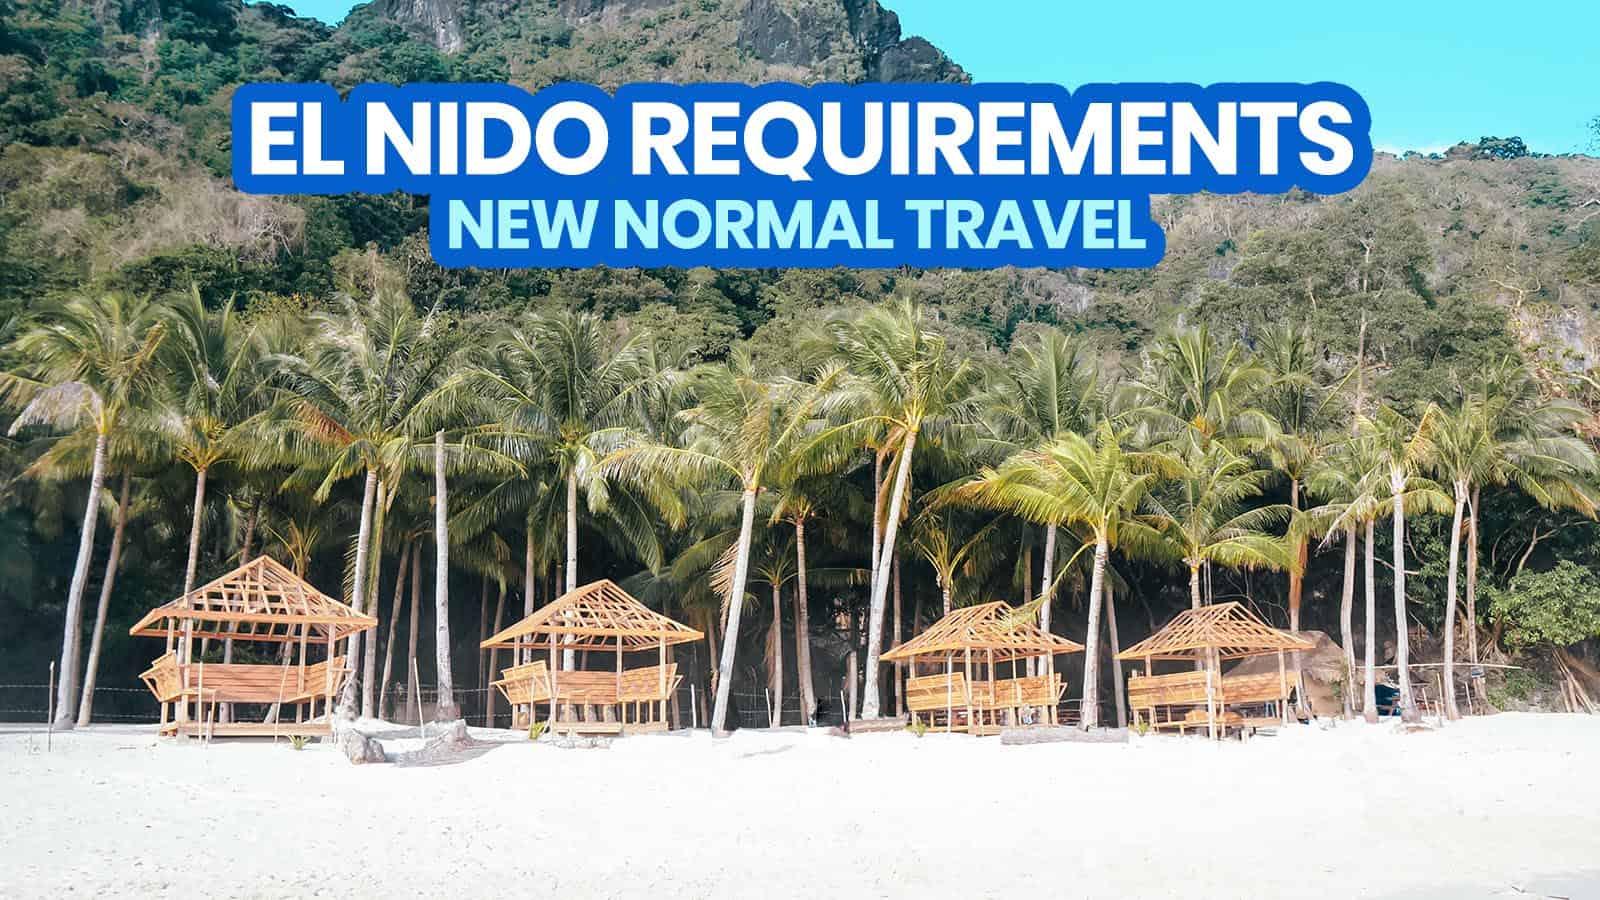 New Normal: EL NIDO TRAVEL REQUIREMENTS & POLICIES (Palawan)